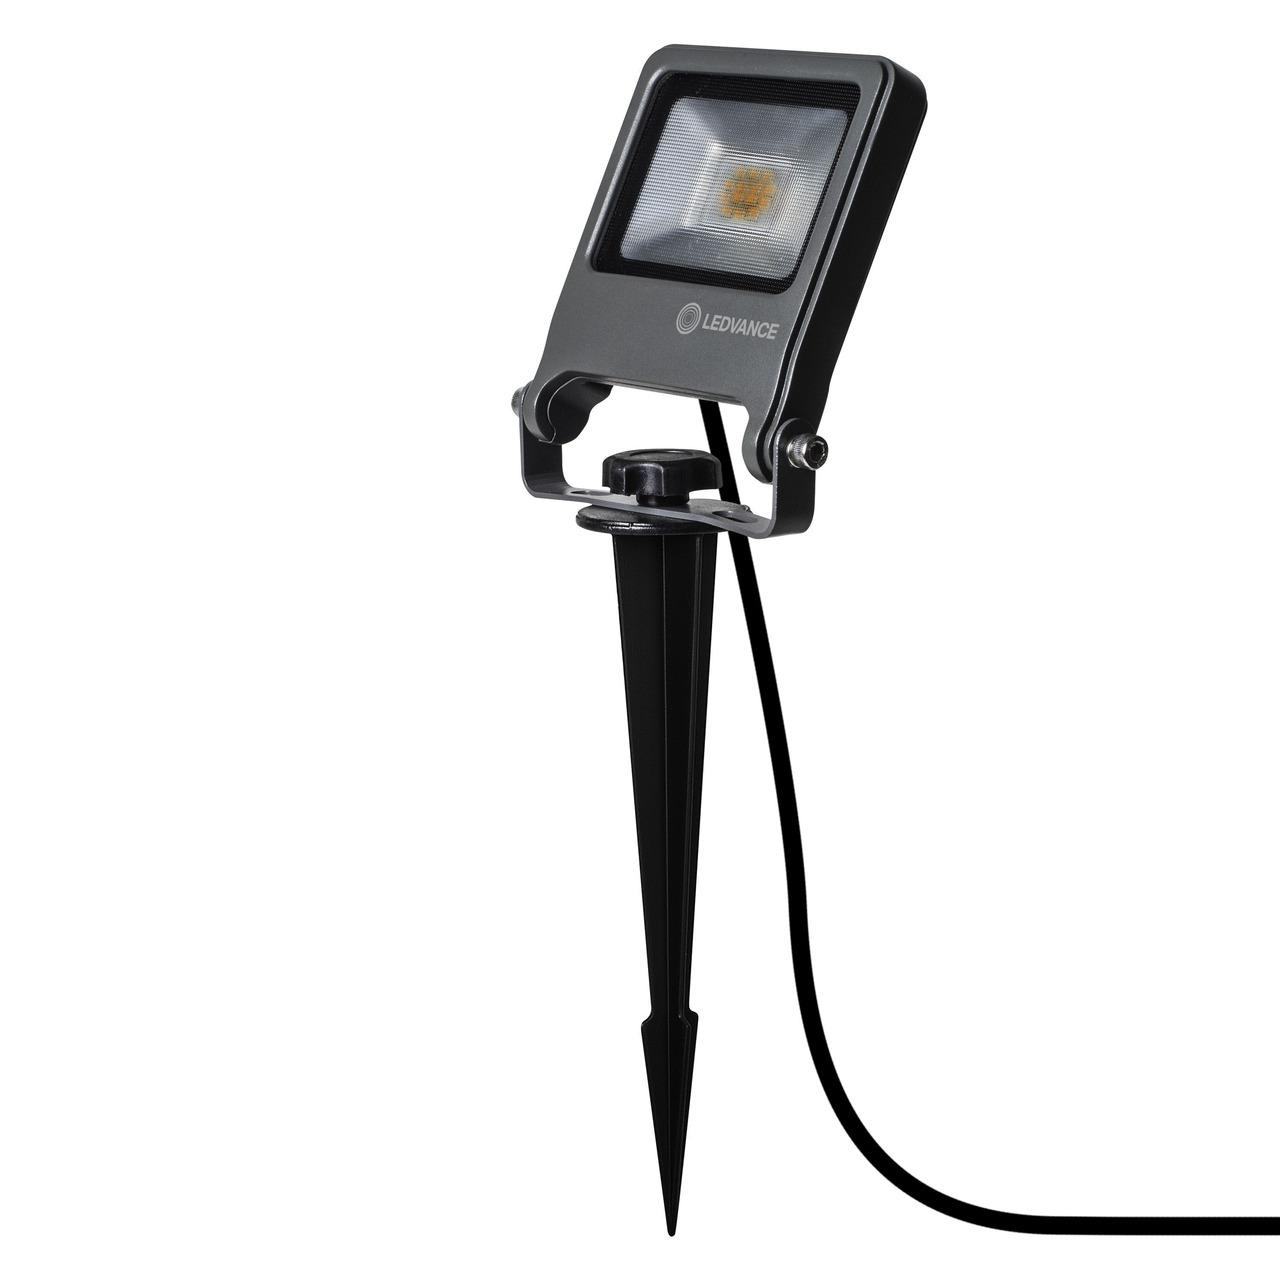 Ledvance 10-W-LED-Auund-223 en-Fluterleuchte ENDURA GARDEN FLOOD- mit Erdspieund-223 - Plug-undamp -Play- IP65